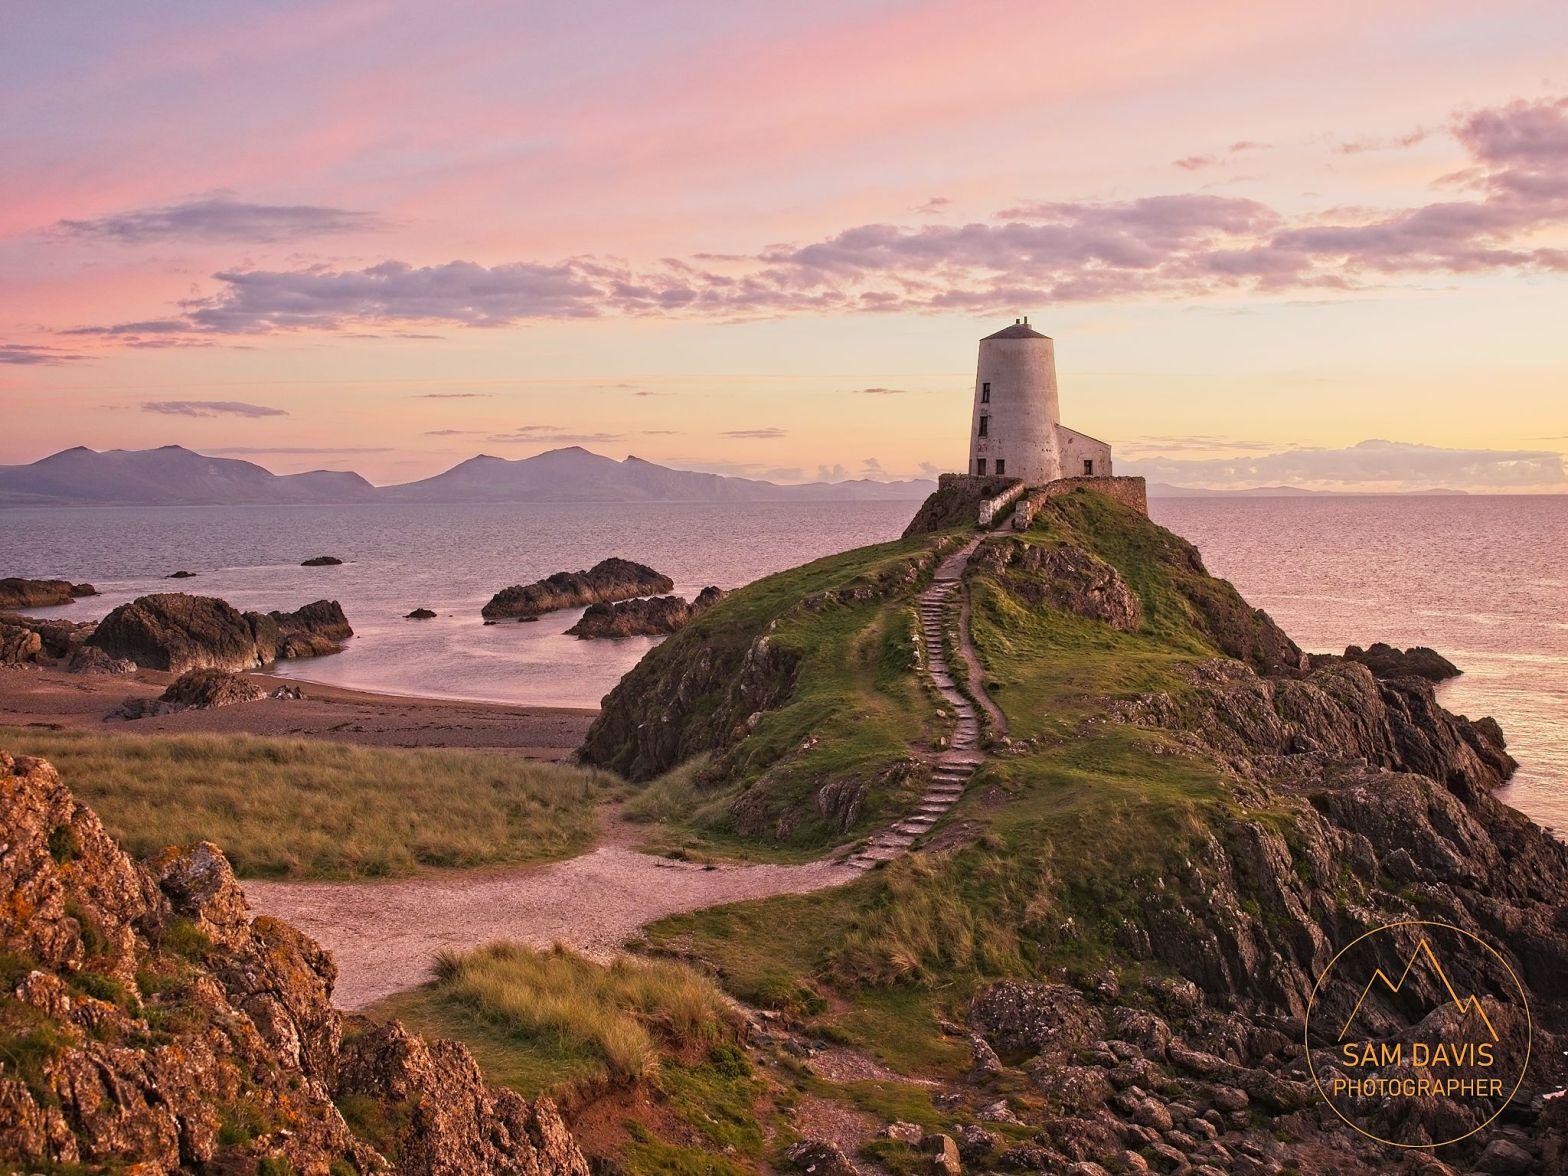 Sunset at Goleudy Tŵr Mawr Lighthouse, Ynys Llanddwyn, Anglesey, Wales